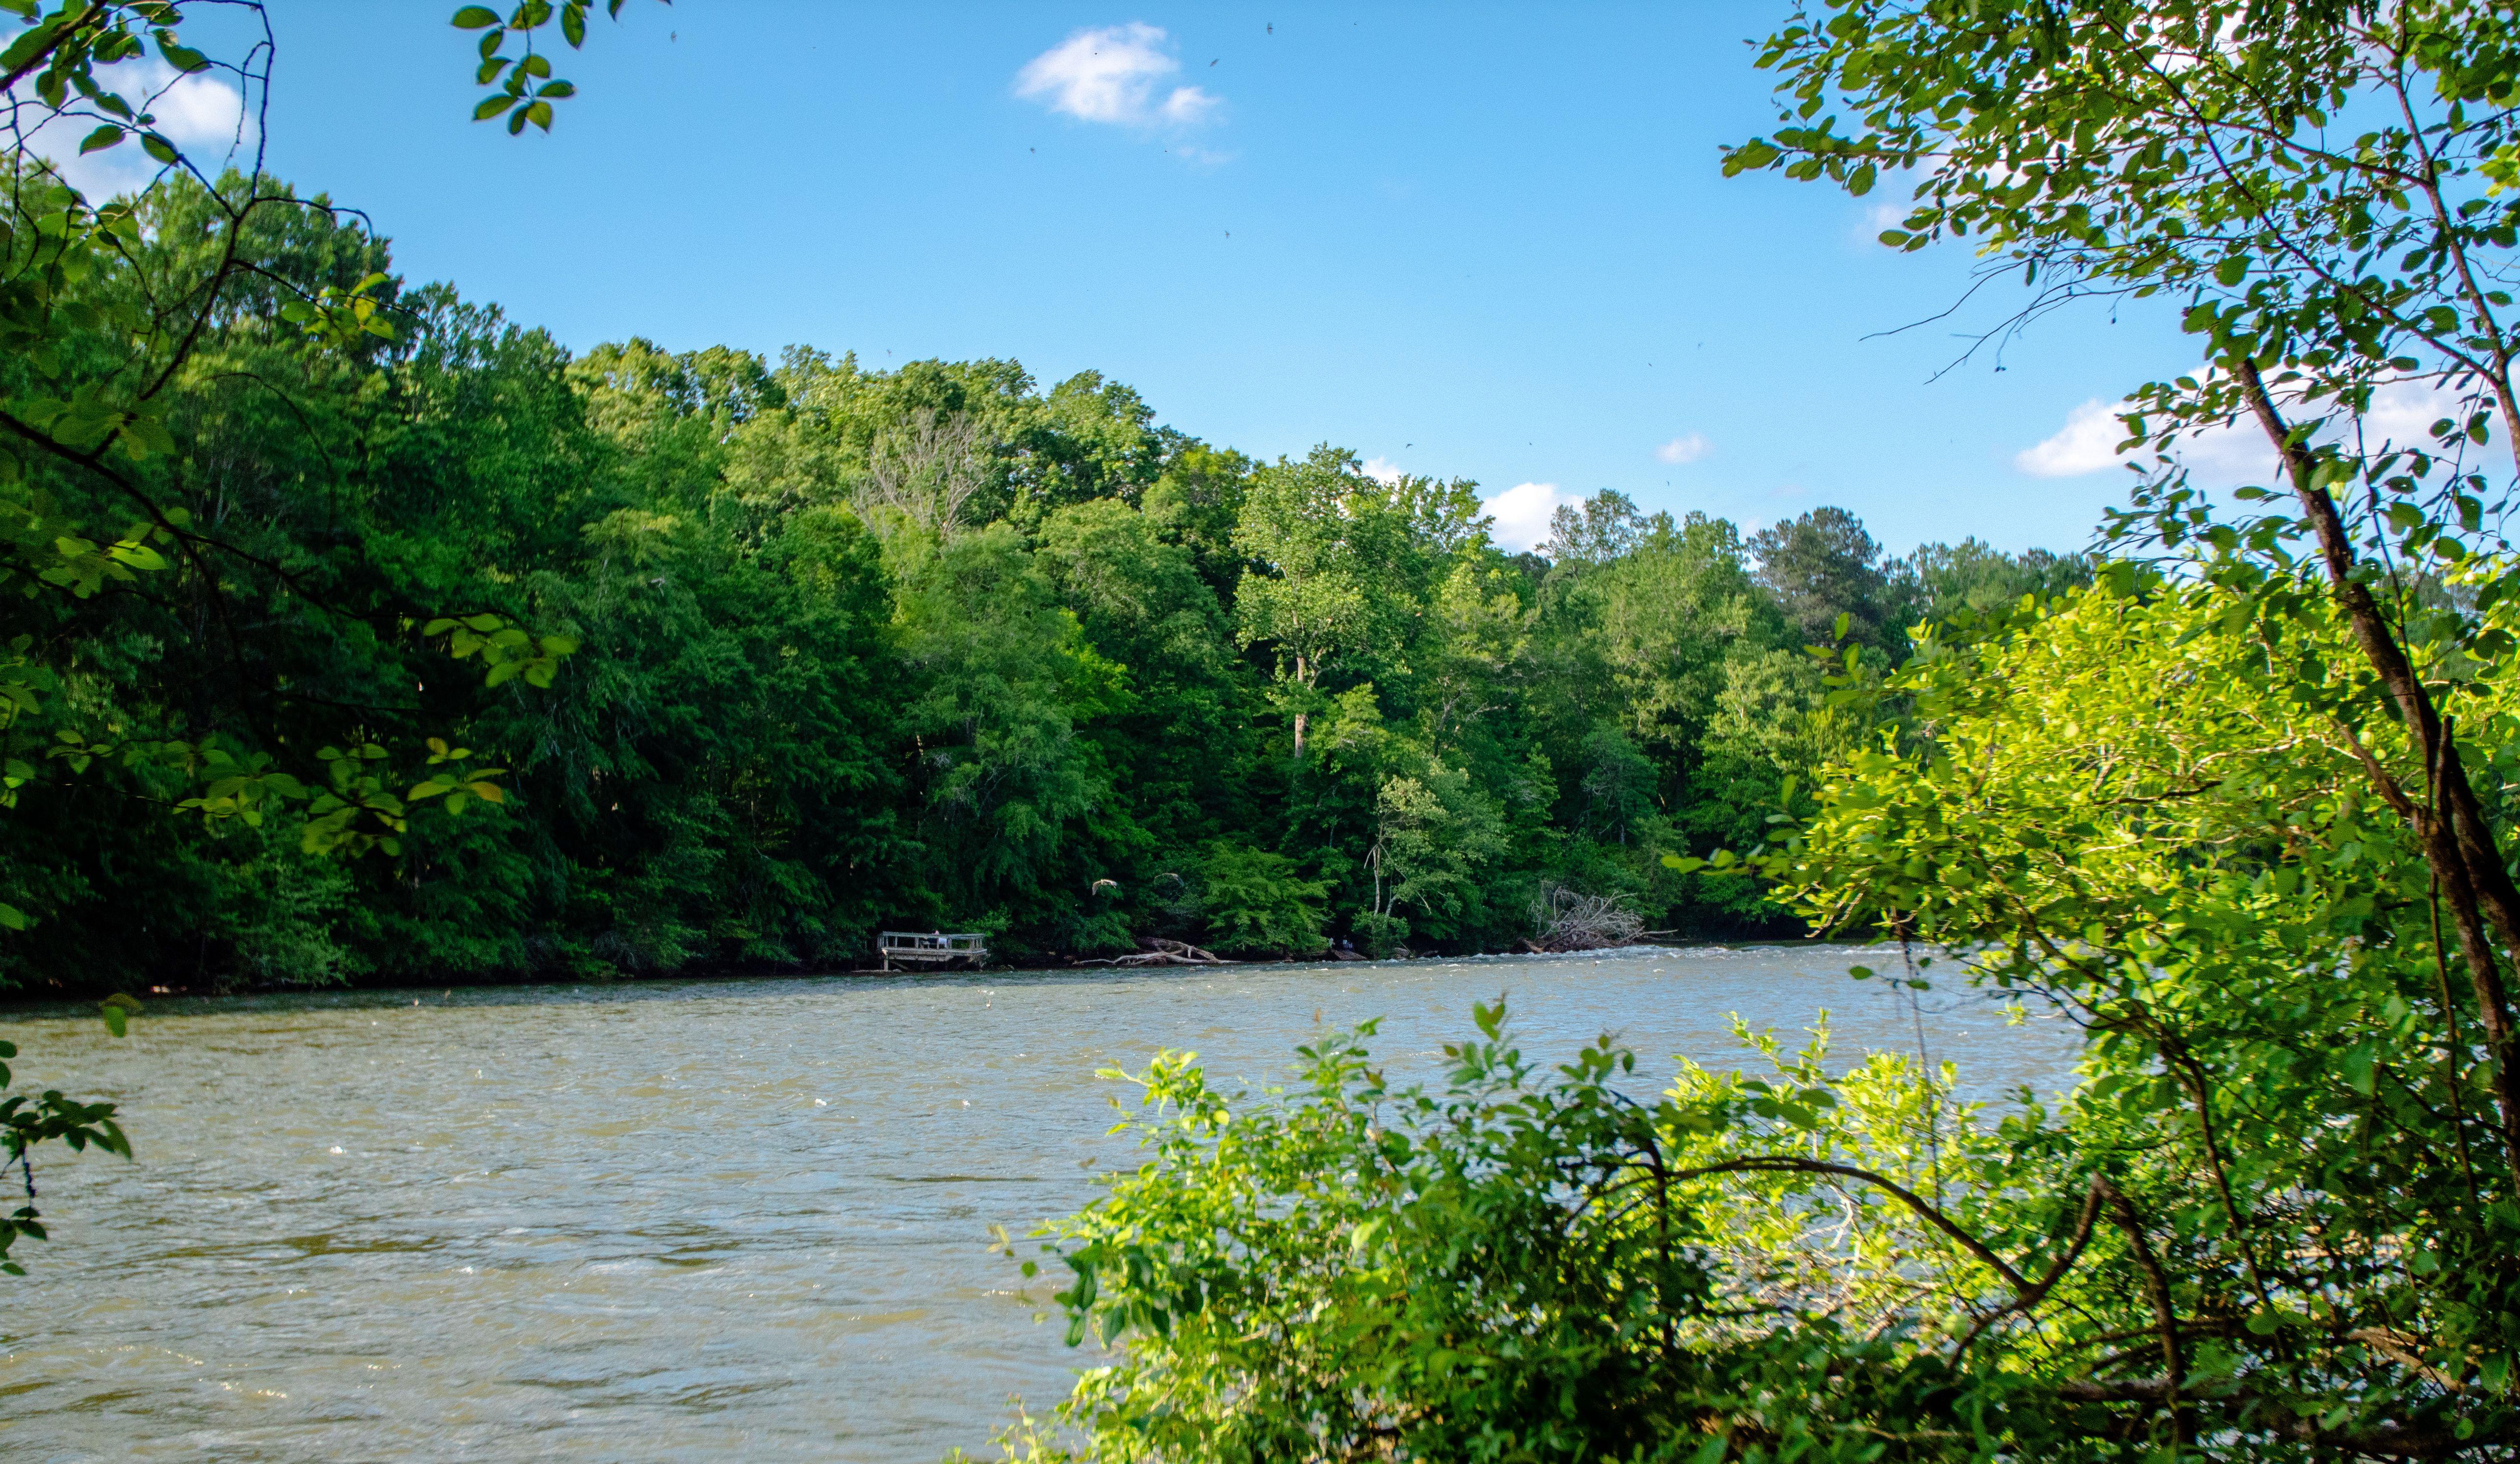 El río rodeado de plantas verdes